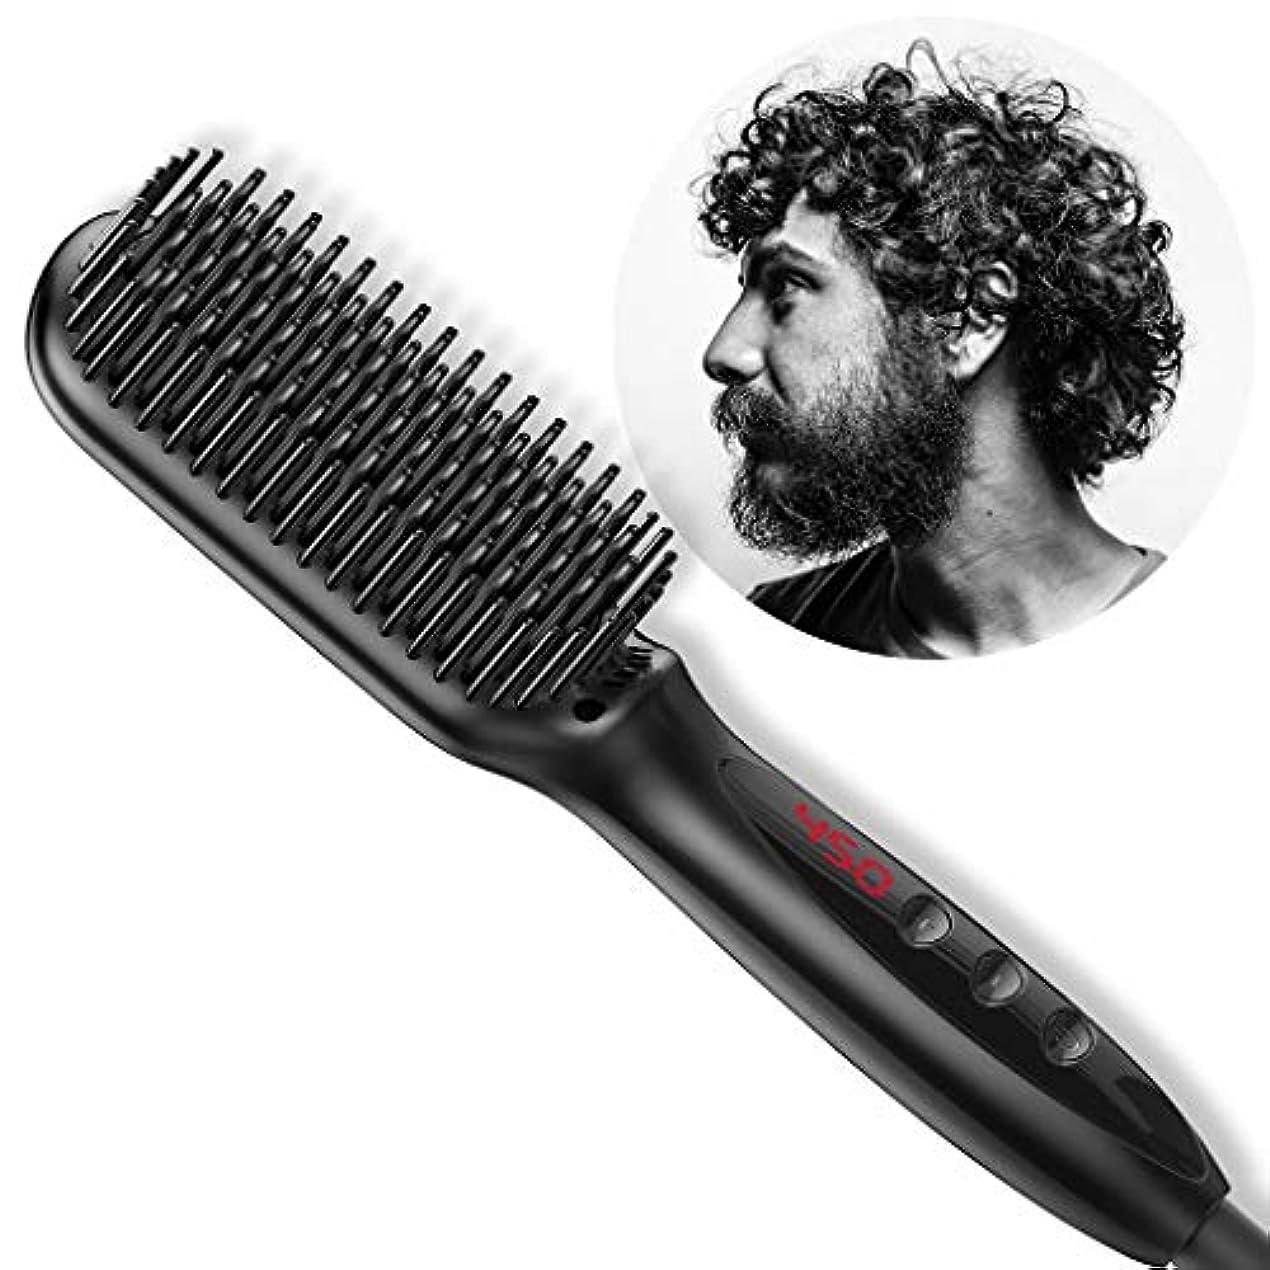 測るインチ儀式ストレイテナーくし、電気髪カーリングカーラーブラシウェットとドライのデュアルユースアンチ火傷セラミックイオンヘアブラシすべての髪のタイプのために